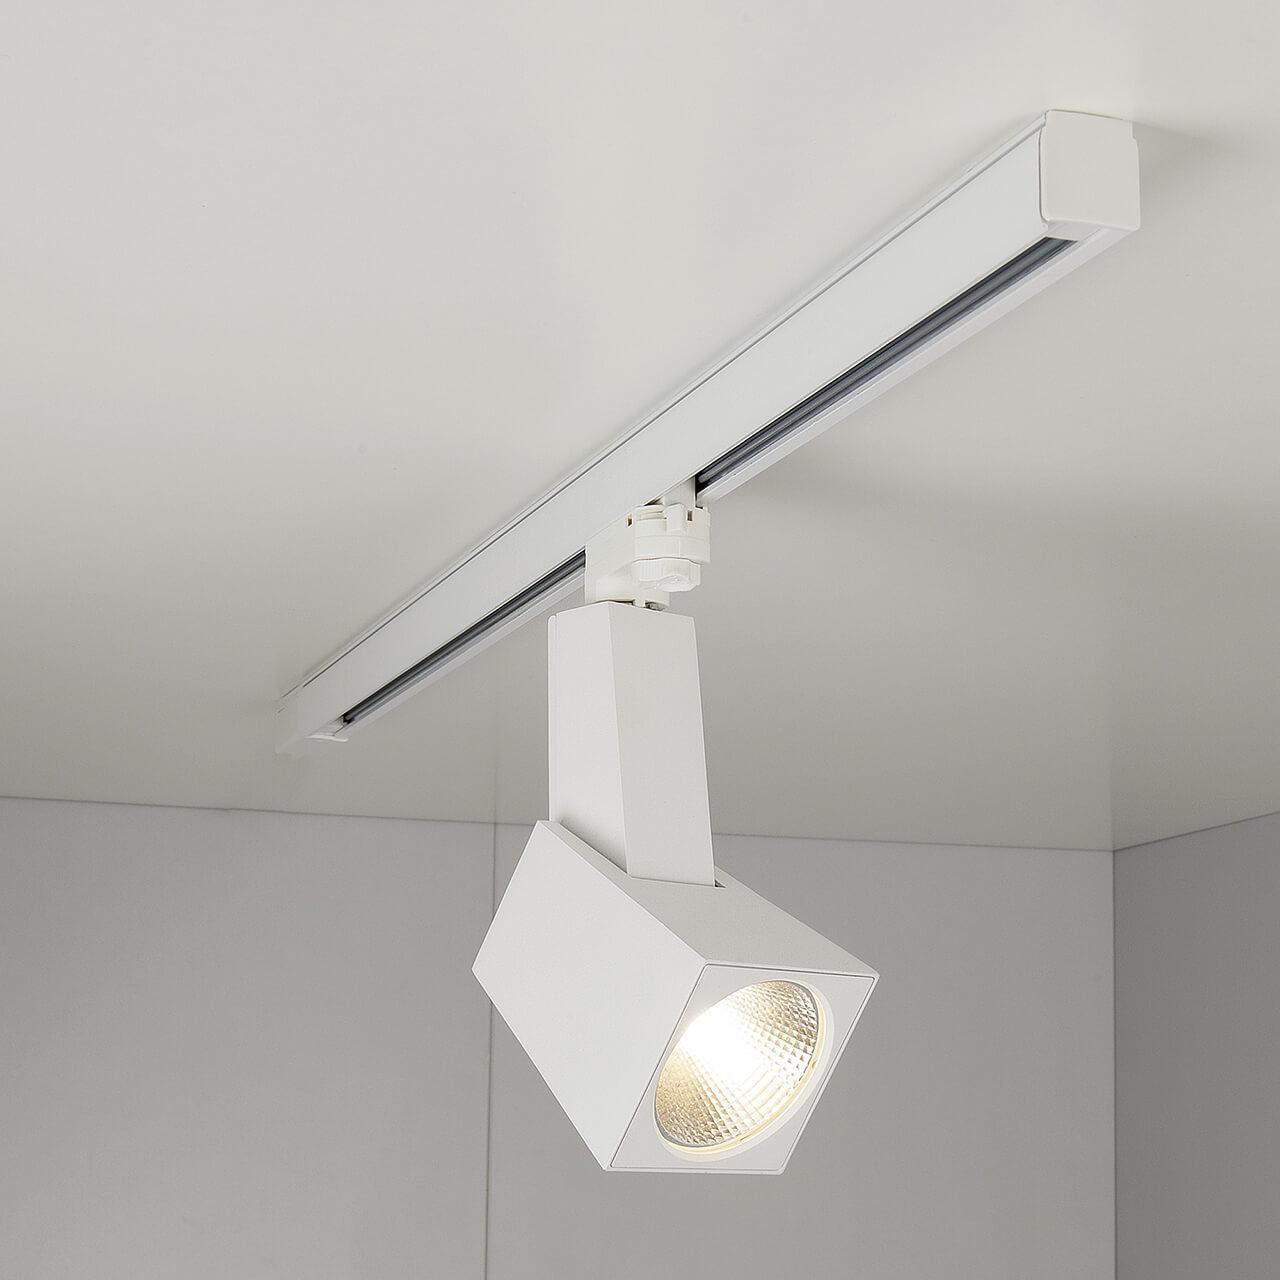 Трековый светодиодный светильник Elektrostandard Perfect белый 38W 4200K 4690389111433 трековый светодиодный светильник elektrostandard perfect черный 38w 4200k 4690389111471